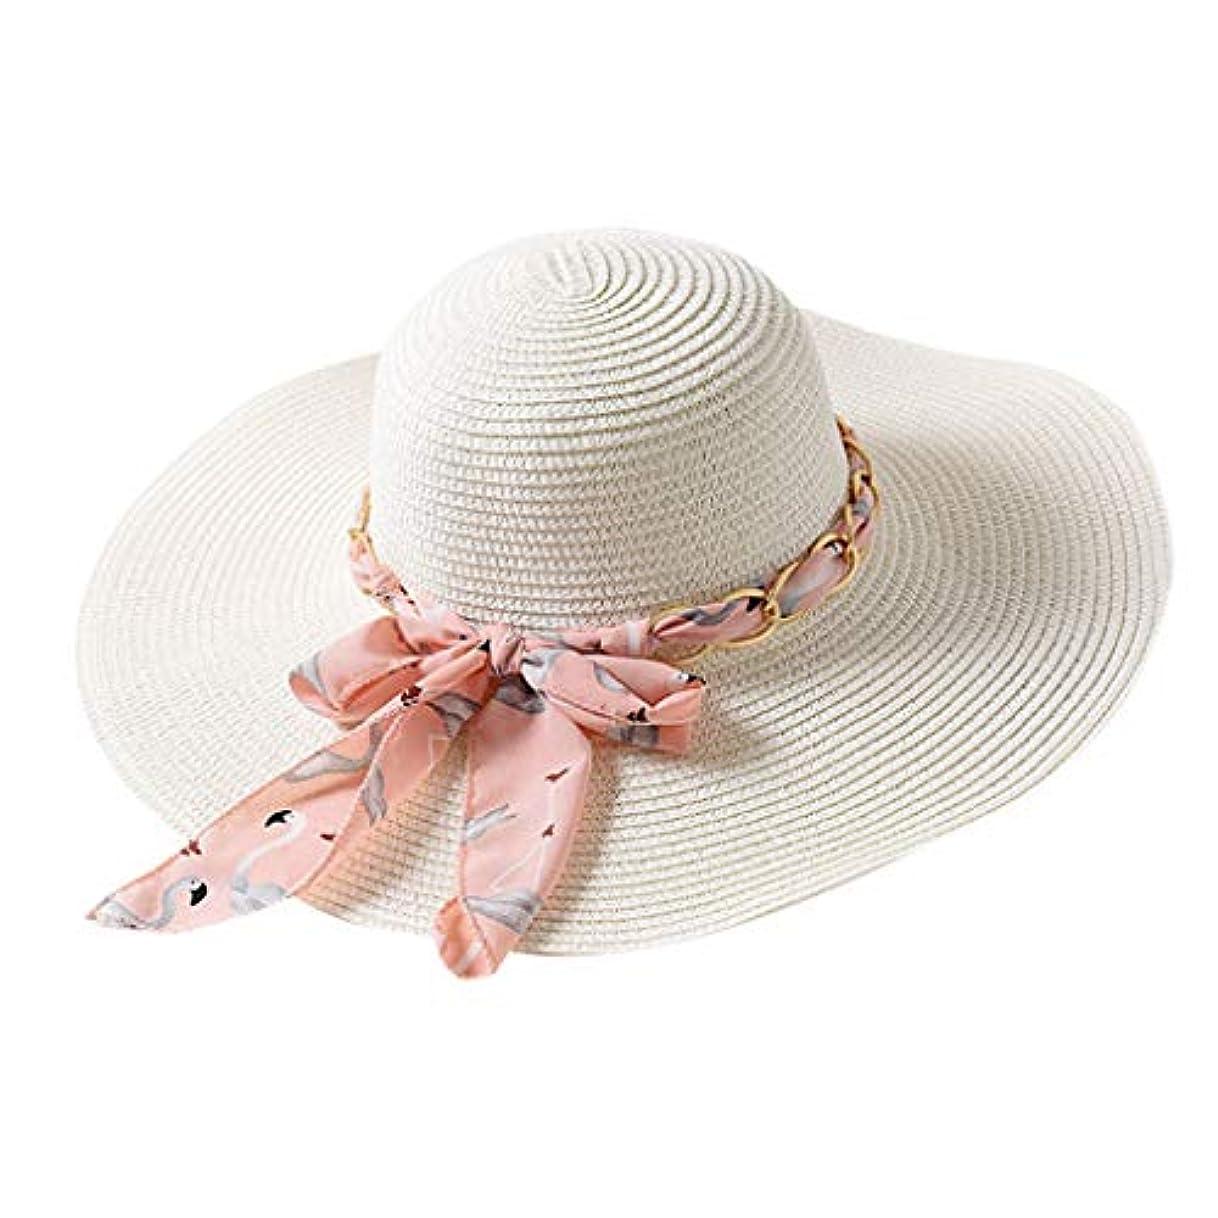 クリーム眠いです最近ファッション小物 夏 帽子 レディース UVカット 帽子 ハット レディース 紫外線対策 日焼け防止 取り外すあご紐 つば広 おしゃれ 可愛い 夏季 折りたたみ サイズ調節可 旅行 女優帽 小顔効果抜群 ROSE ROMAN